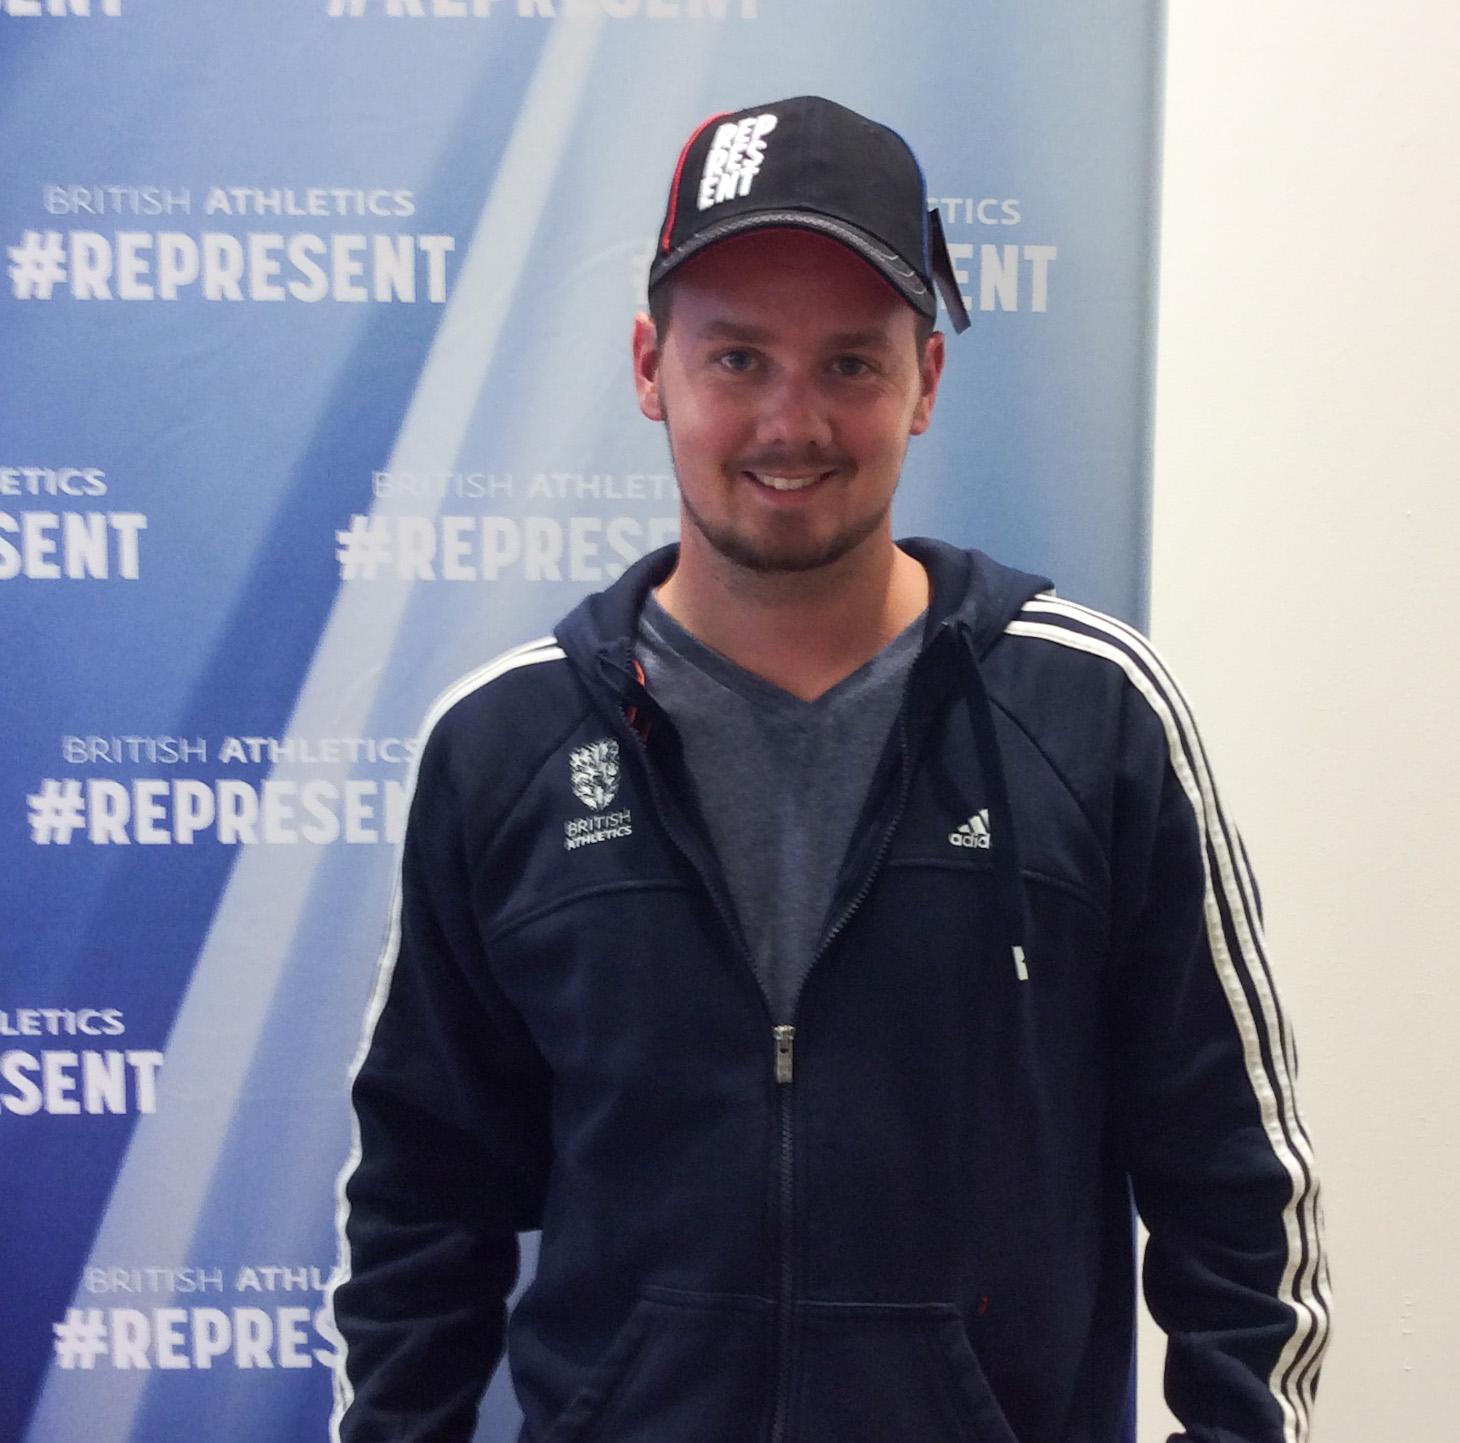 Represent Hat British Athletics